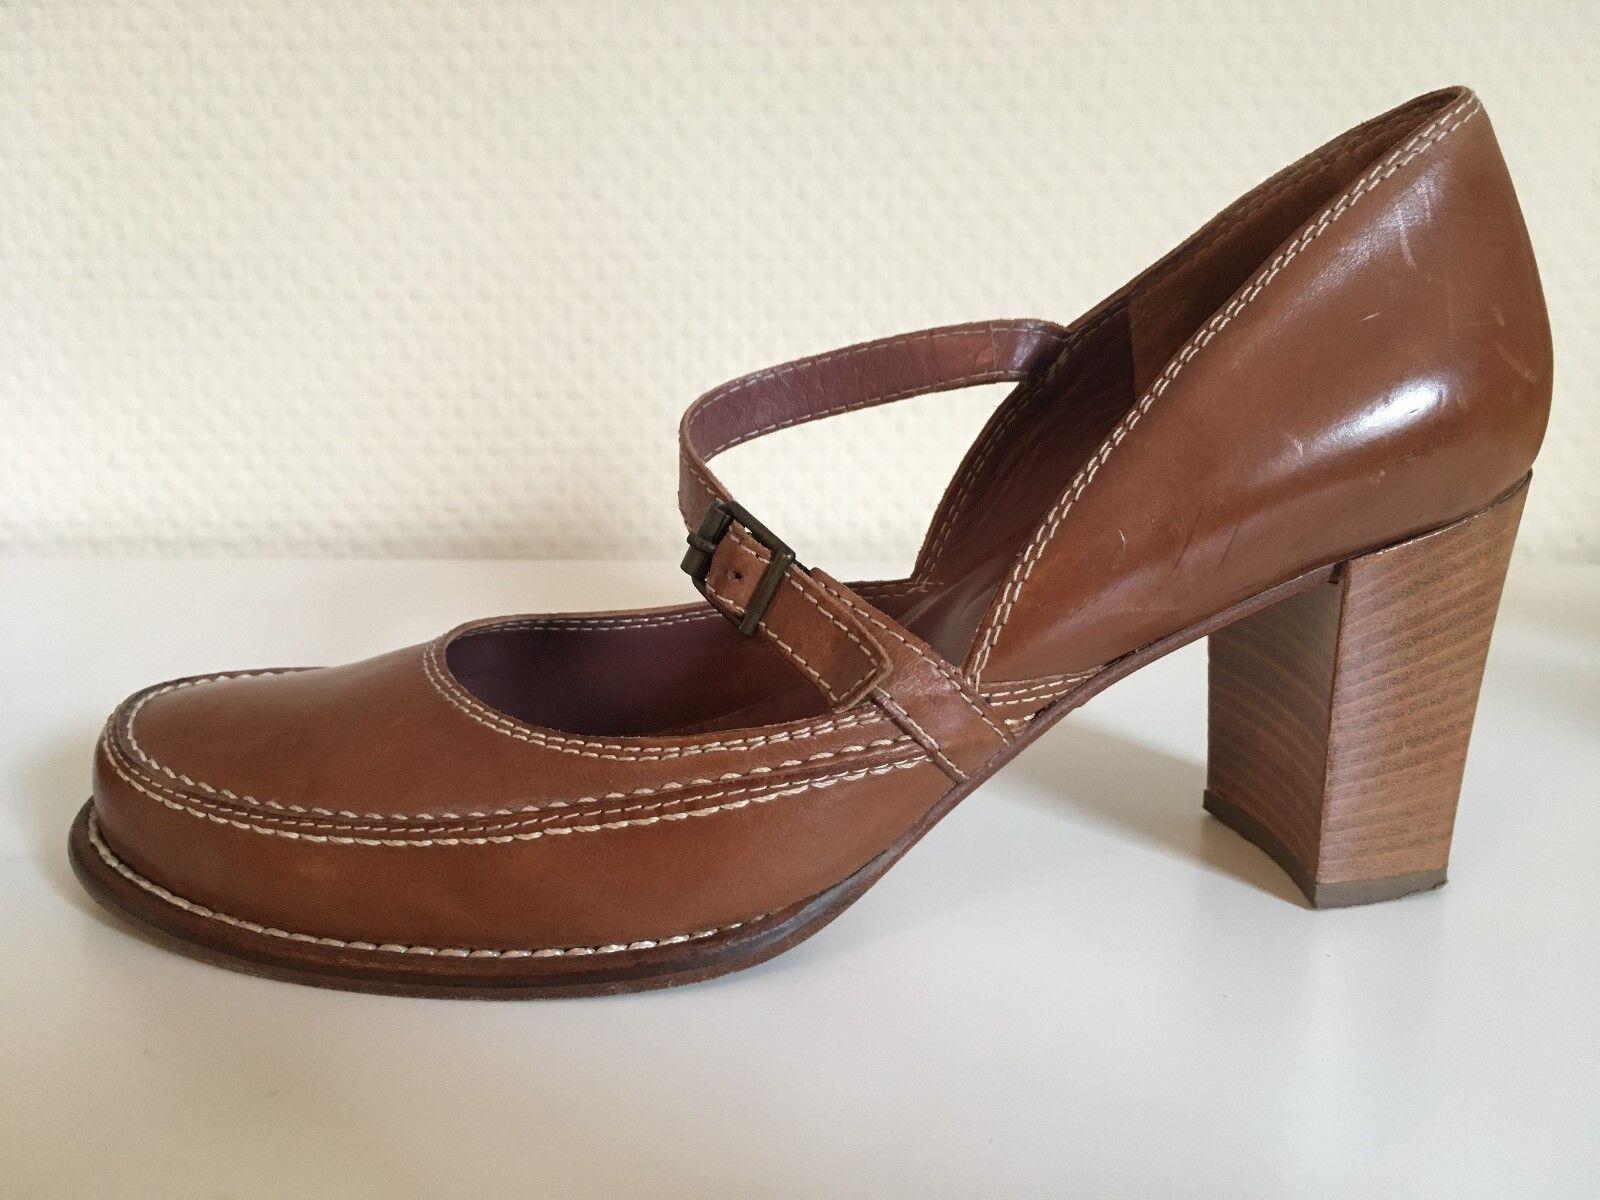 Accatino-Italie. Chaussures Femmes CREATEUR Escarpins en cuir marron clair taille 39